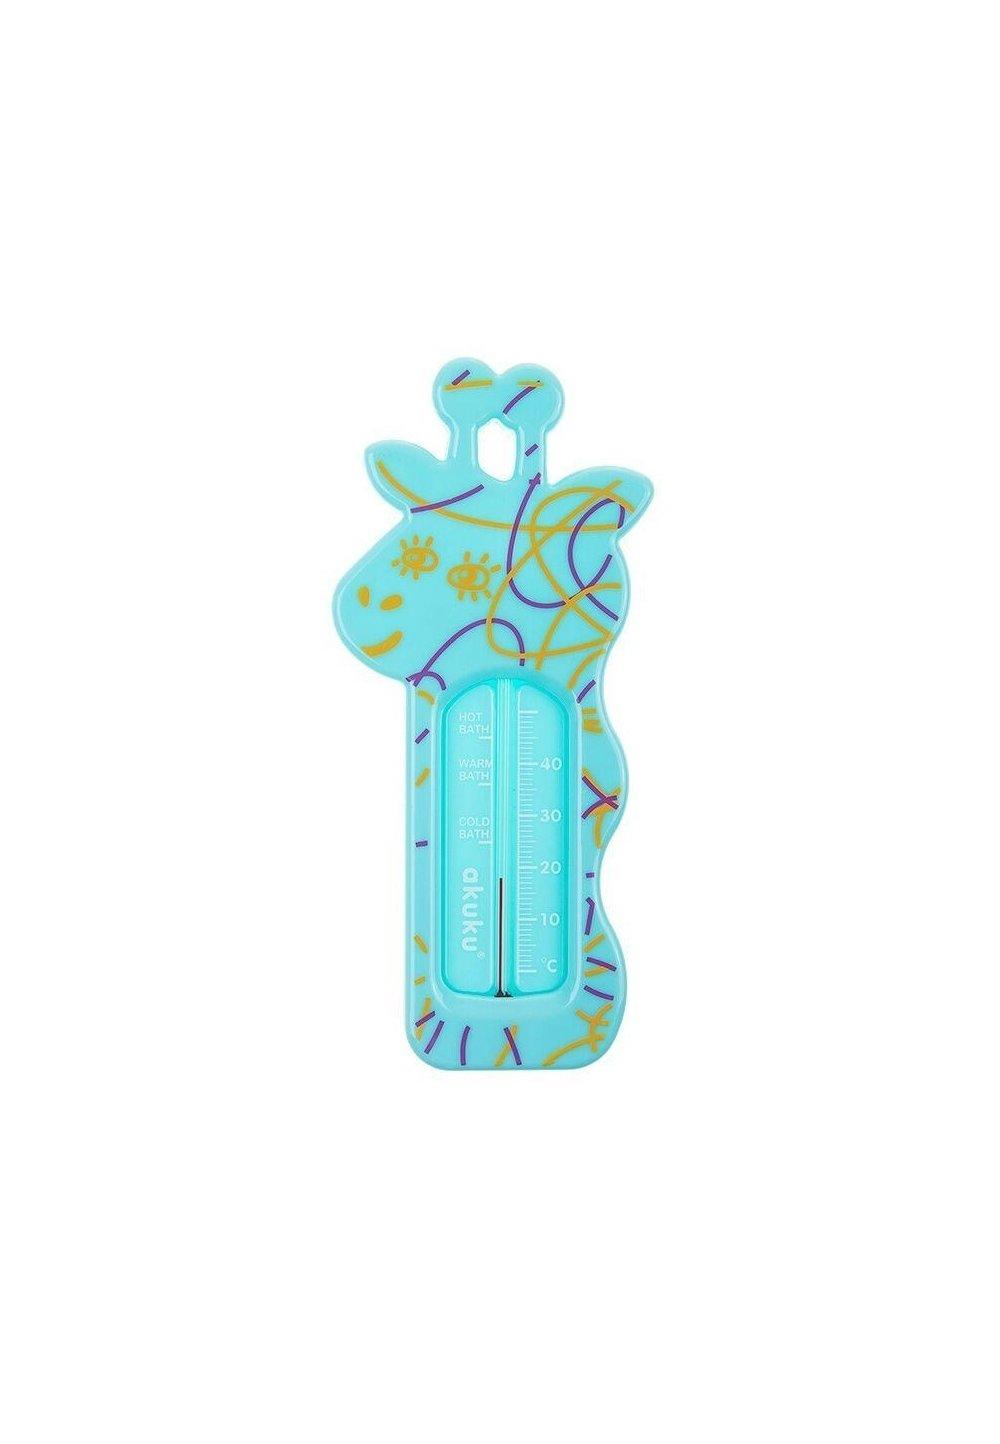 Termometru baie, girafa, turcoaz imagine